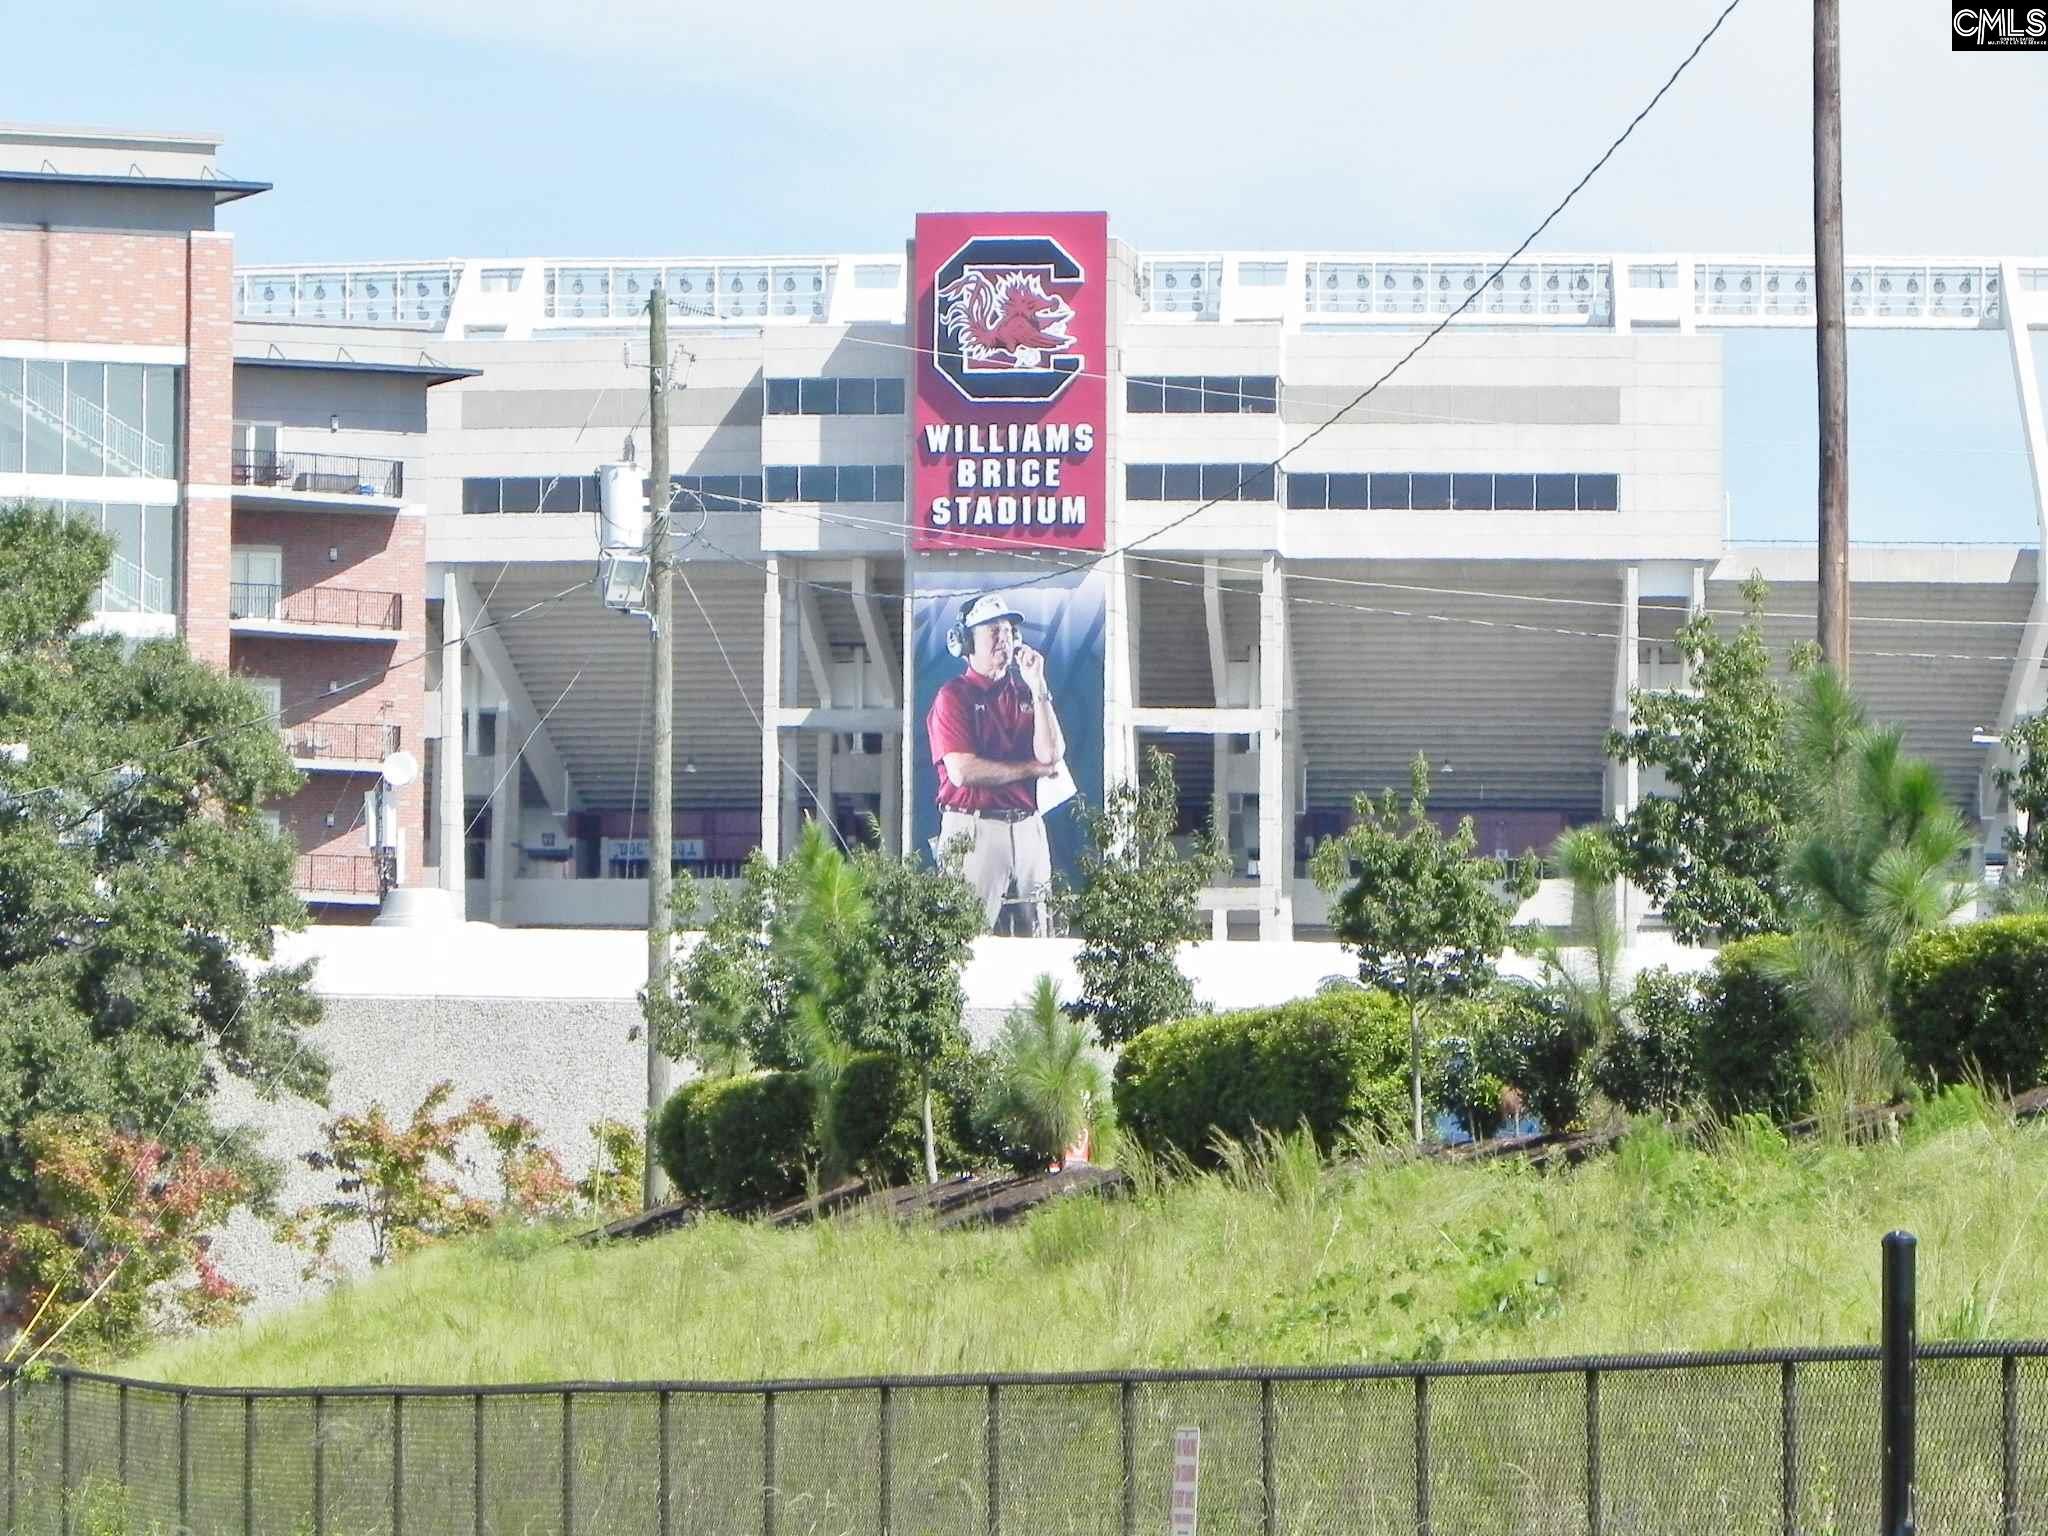 25 S. Stadium #25 Columbia, SC 29201